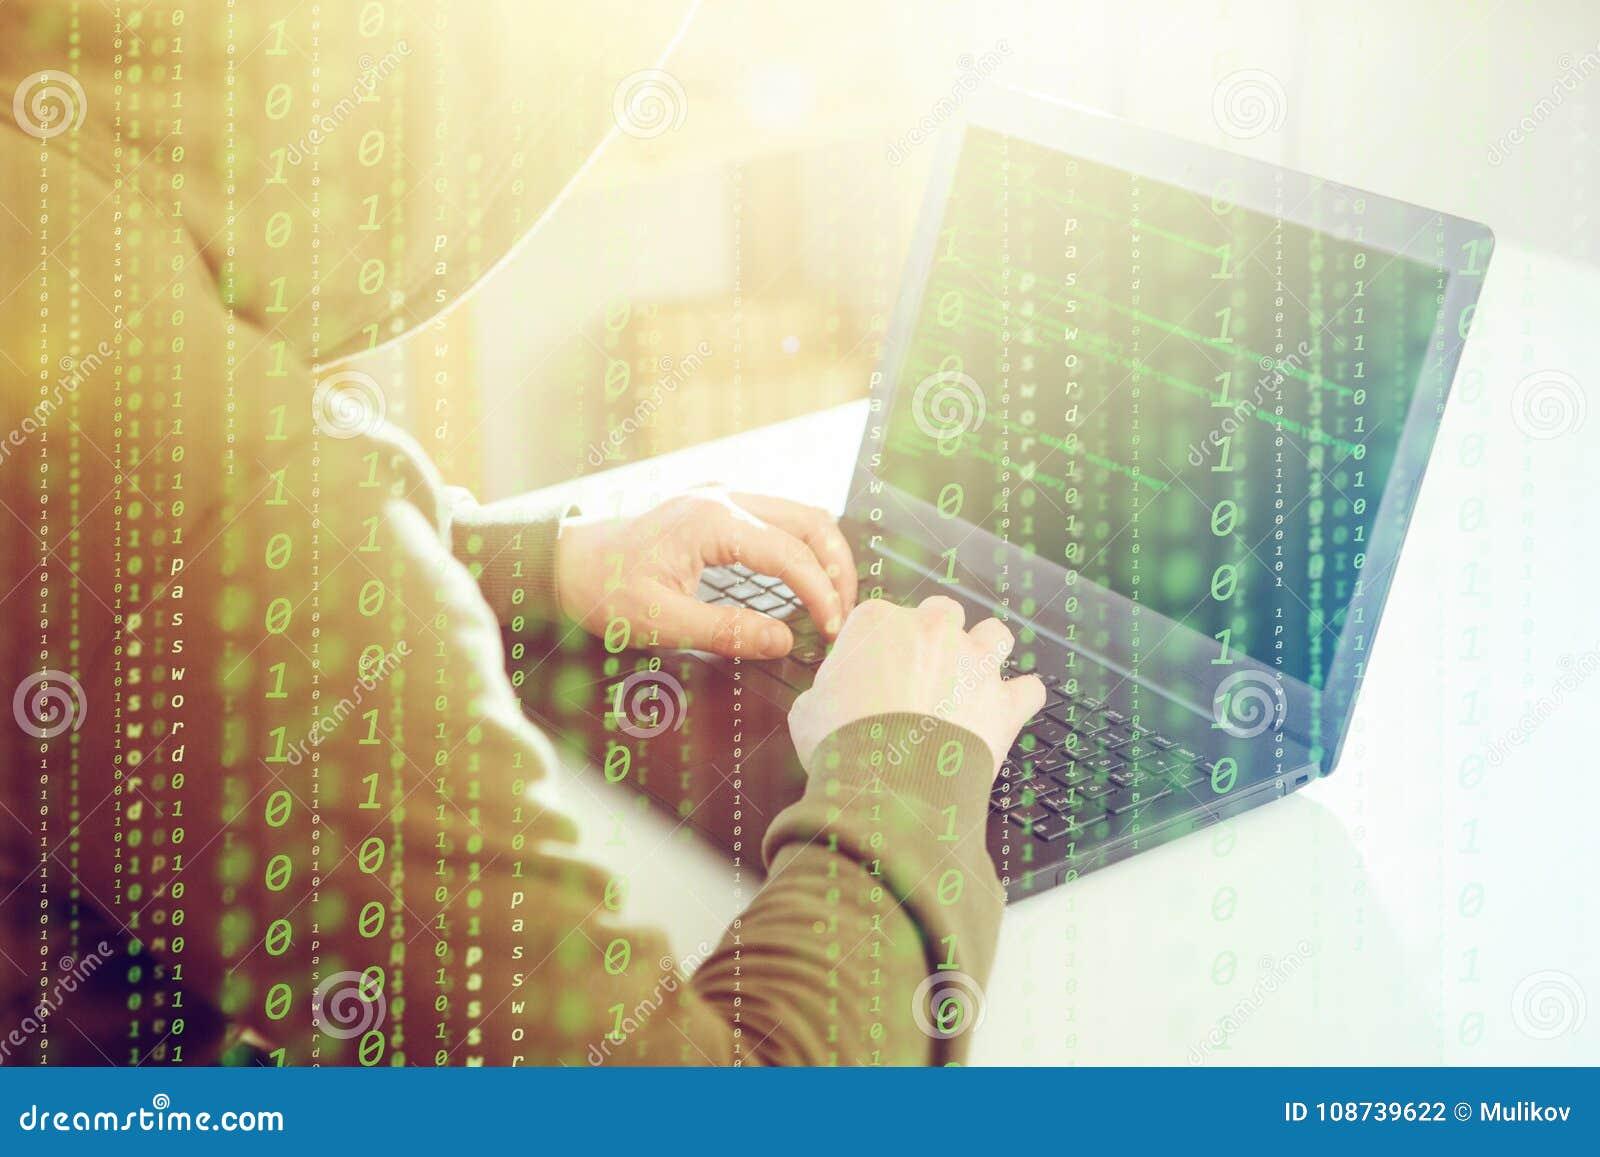 En hackerprogrammerareblicken på skärmen och skriver informationen om programkodhackan och användarekontot